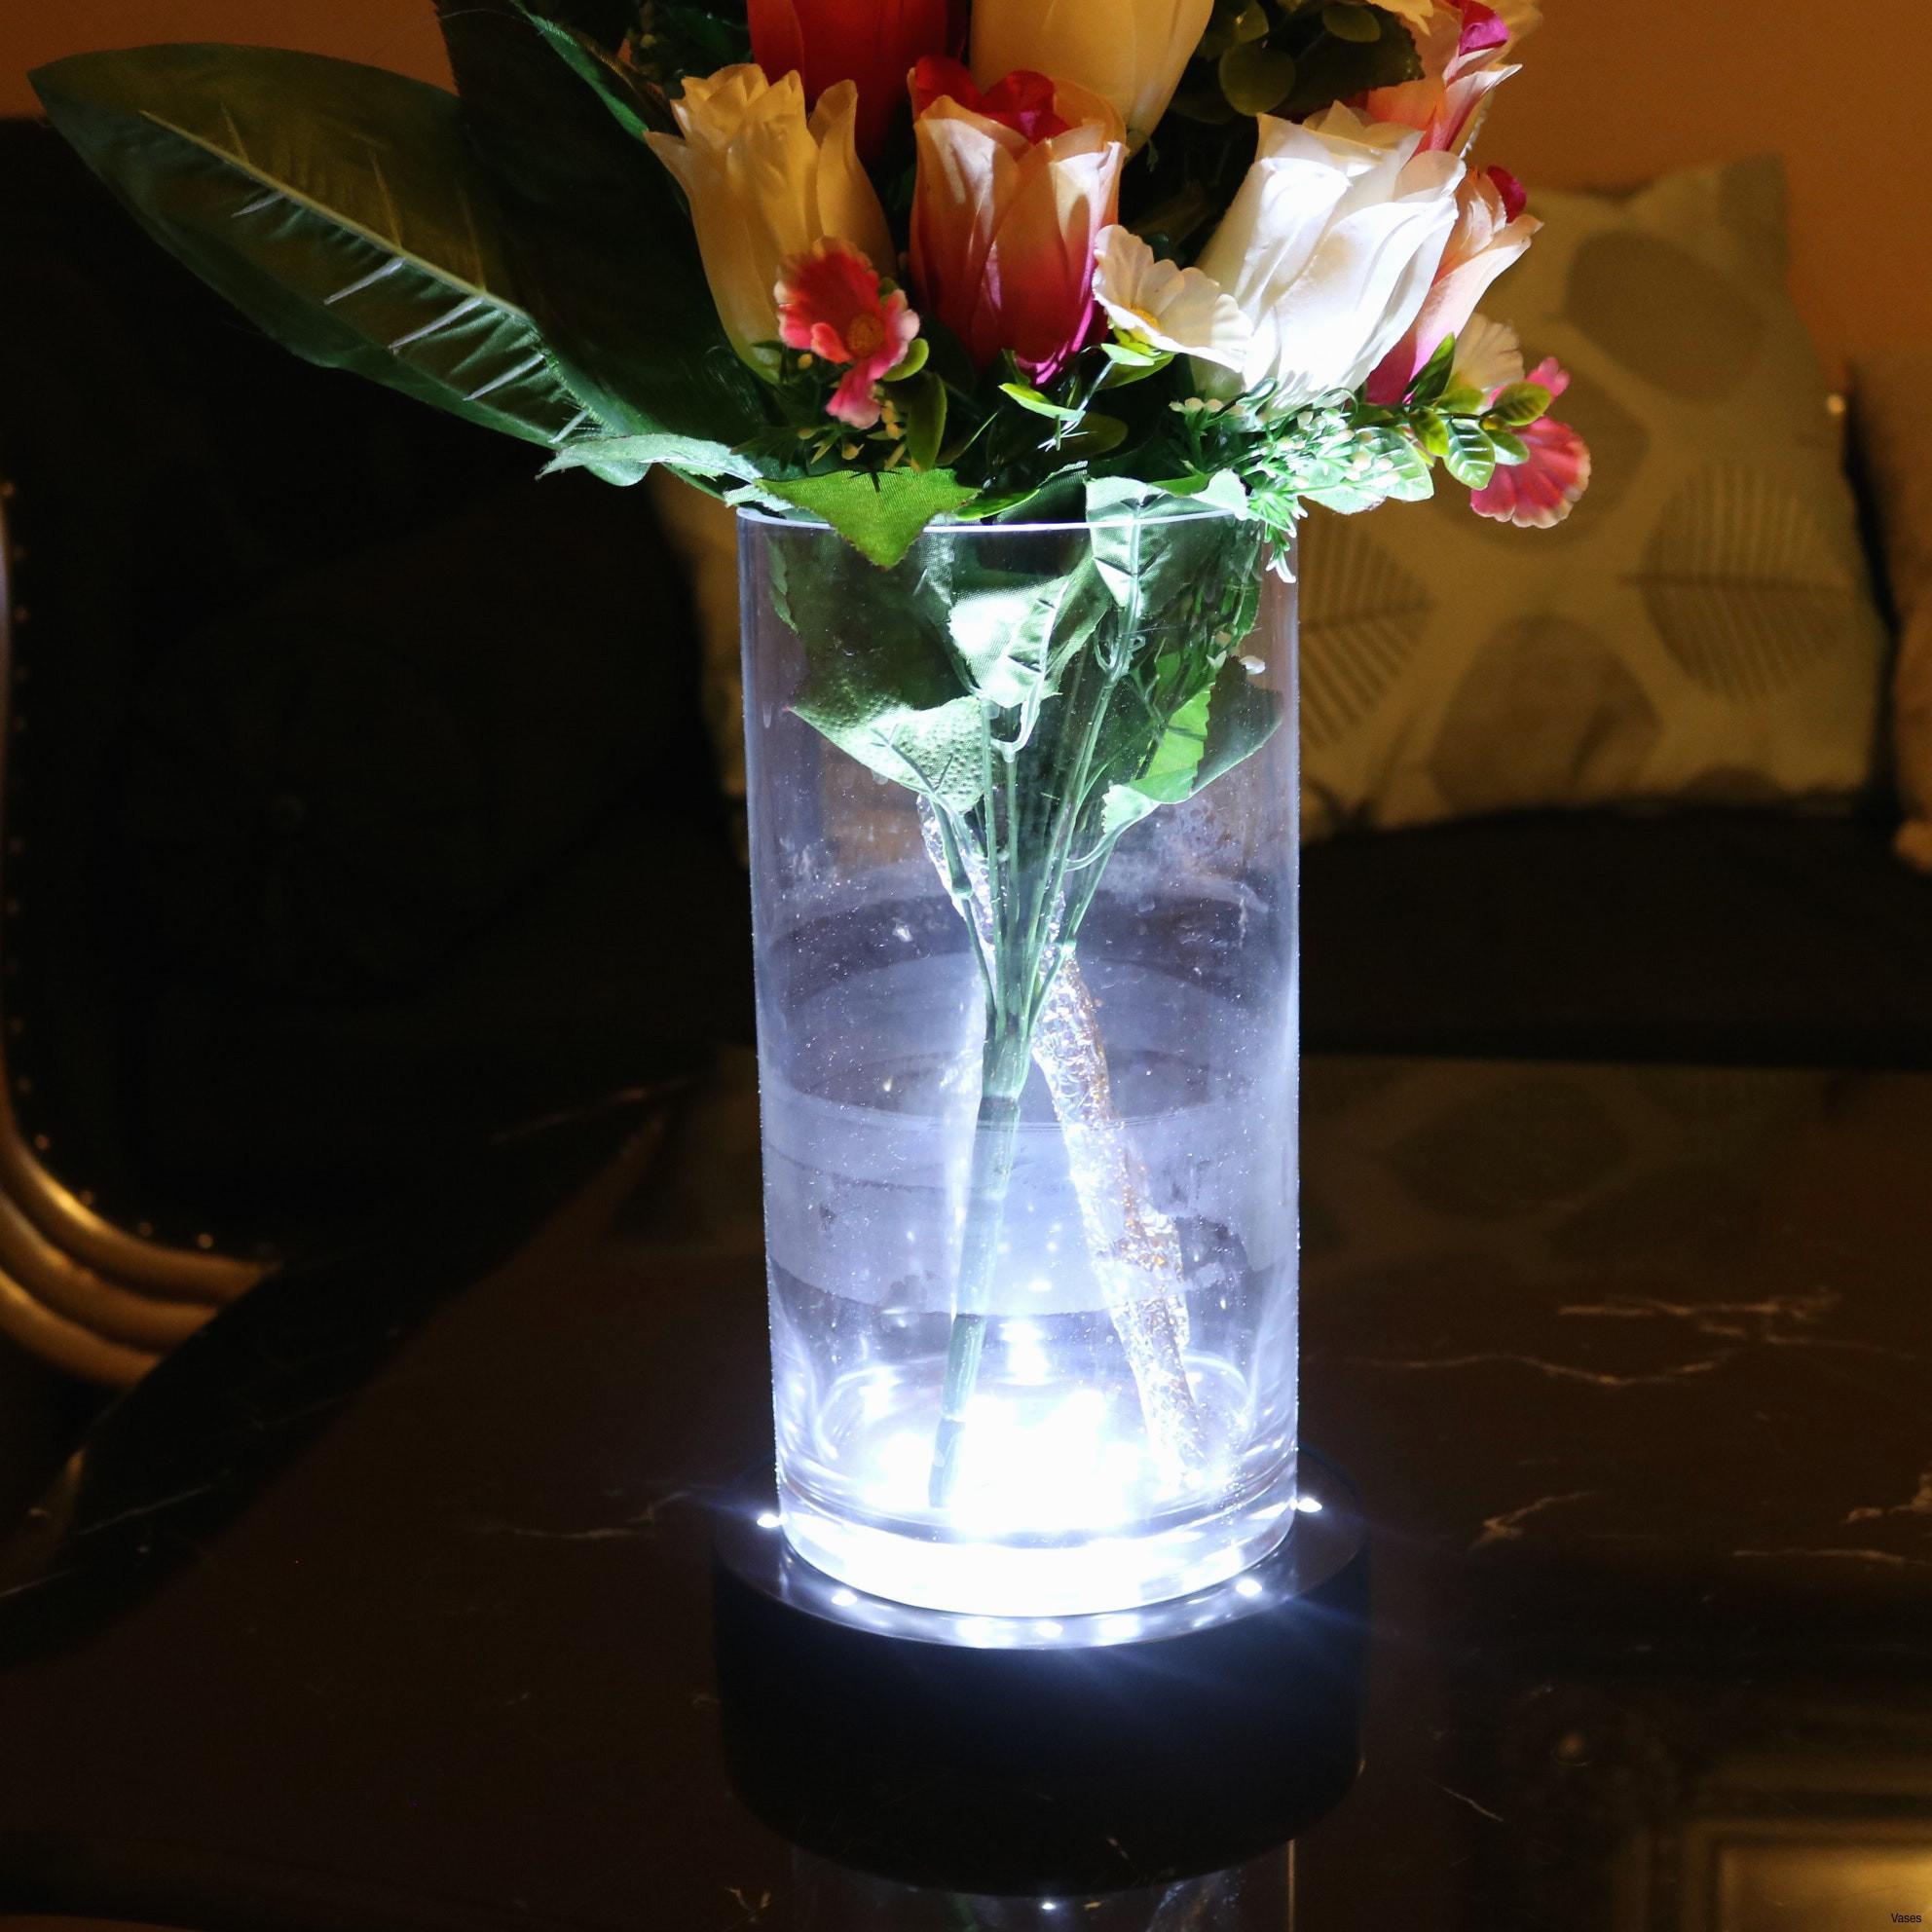 Vase for Long Stem Flowers Of 7 Elegant Wedding Bouquet Holder for Silk Flowers Pics Best Roses Intended for Inspirational Vases Disposable Plastic Single Cheap Flower Rose Vasei 0d Design Of 7 Elegant Wedding Bouquet